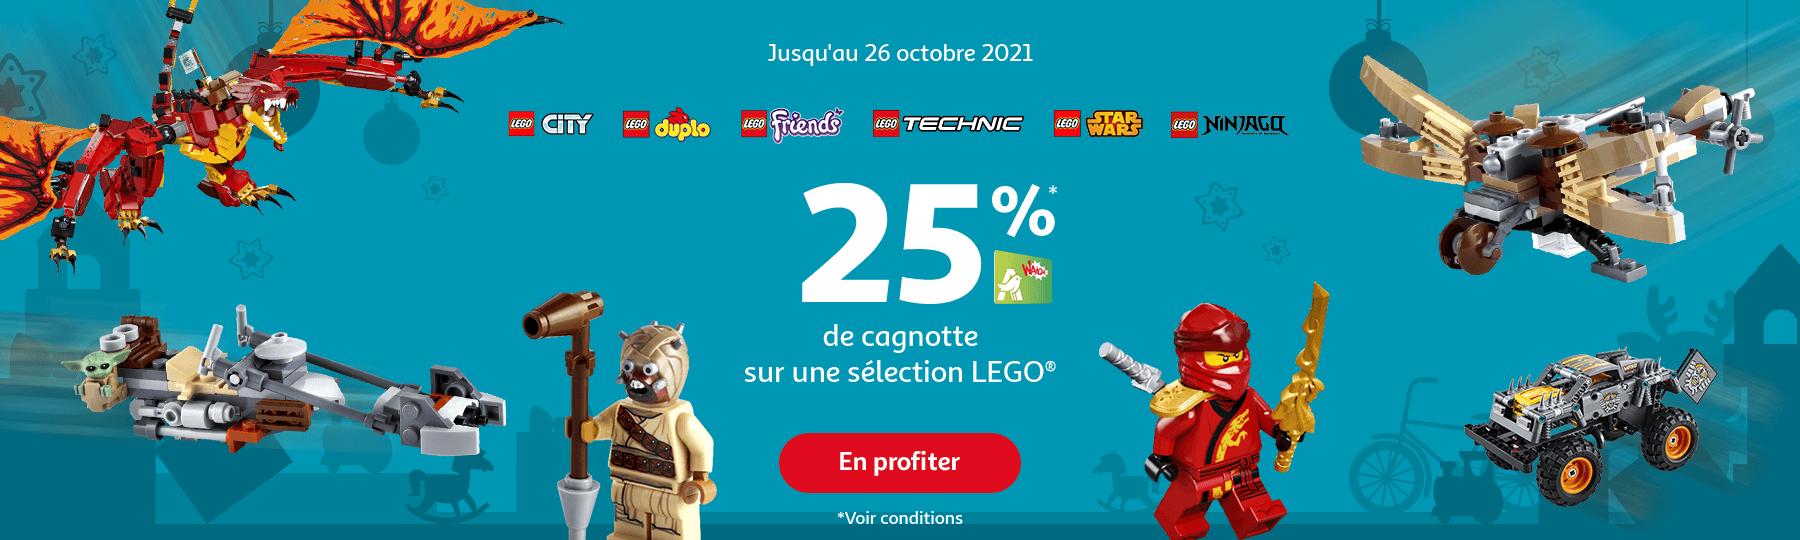 25% de cagnoette sur une sélection LEGO